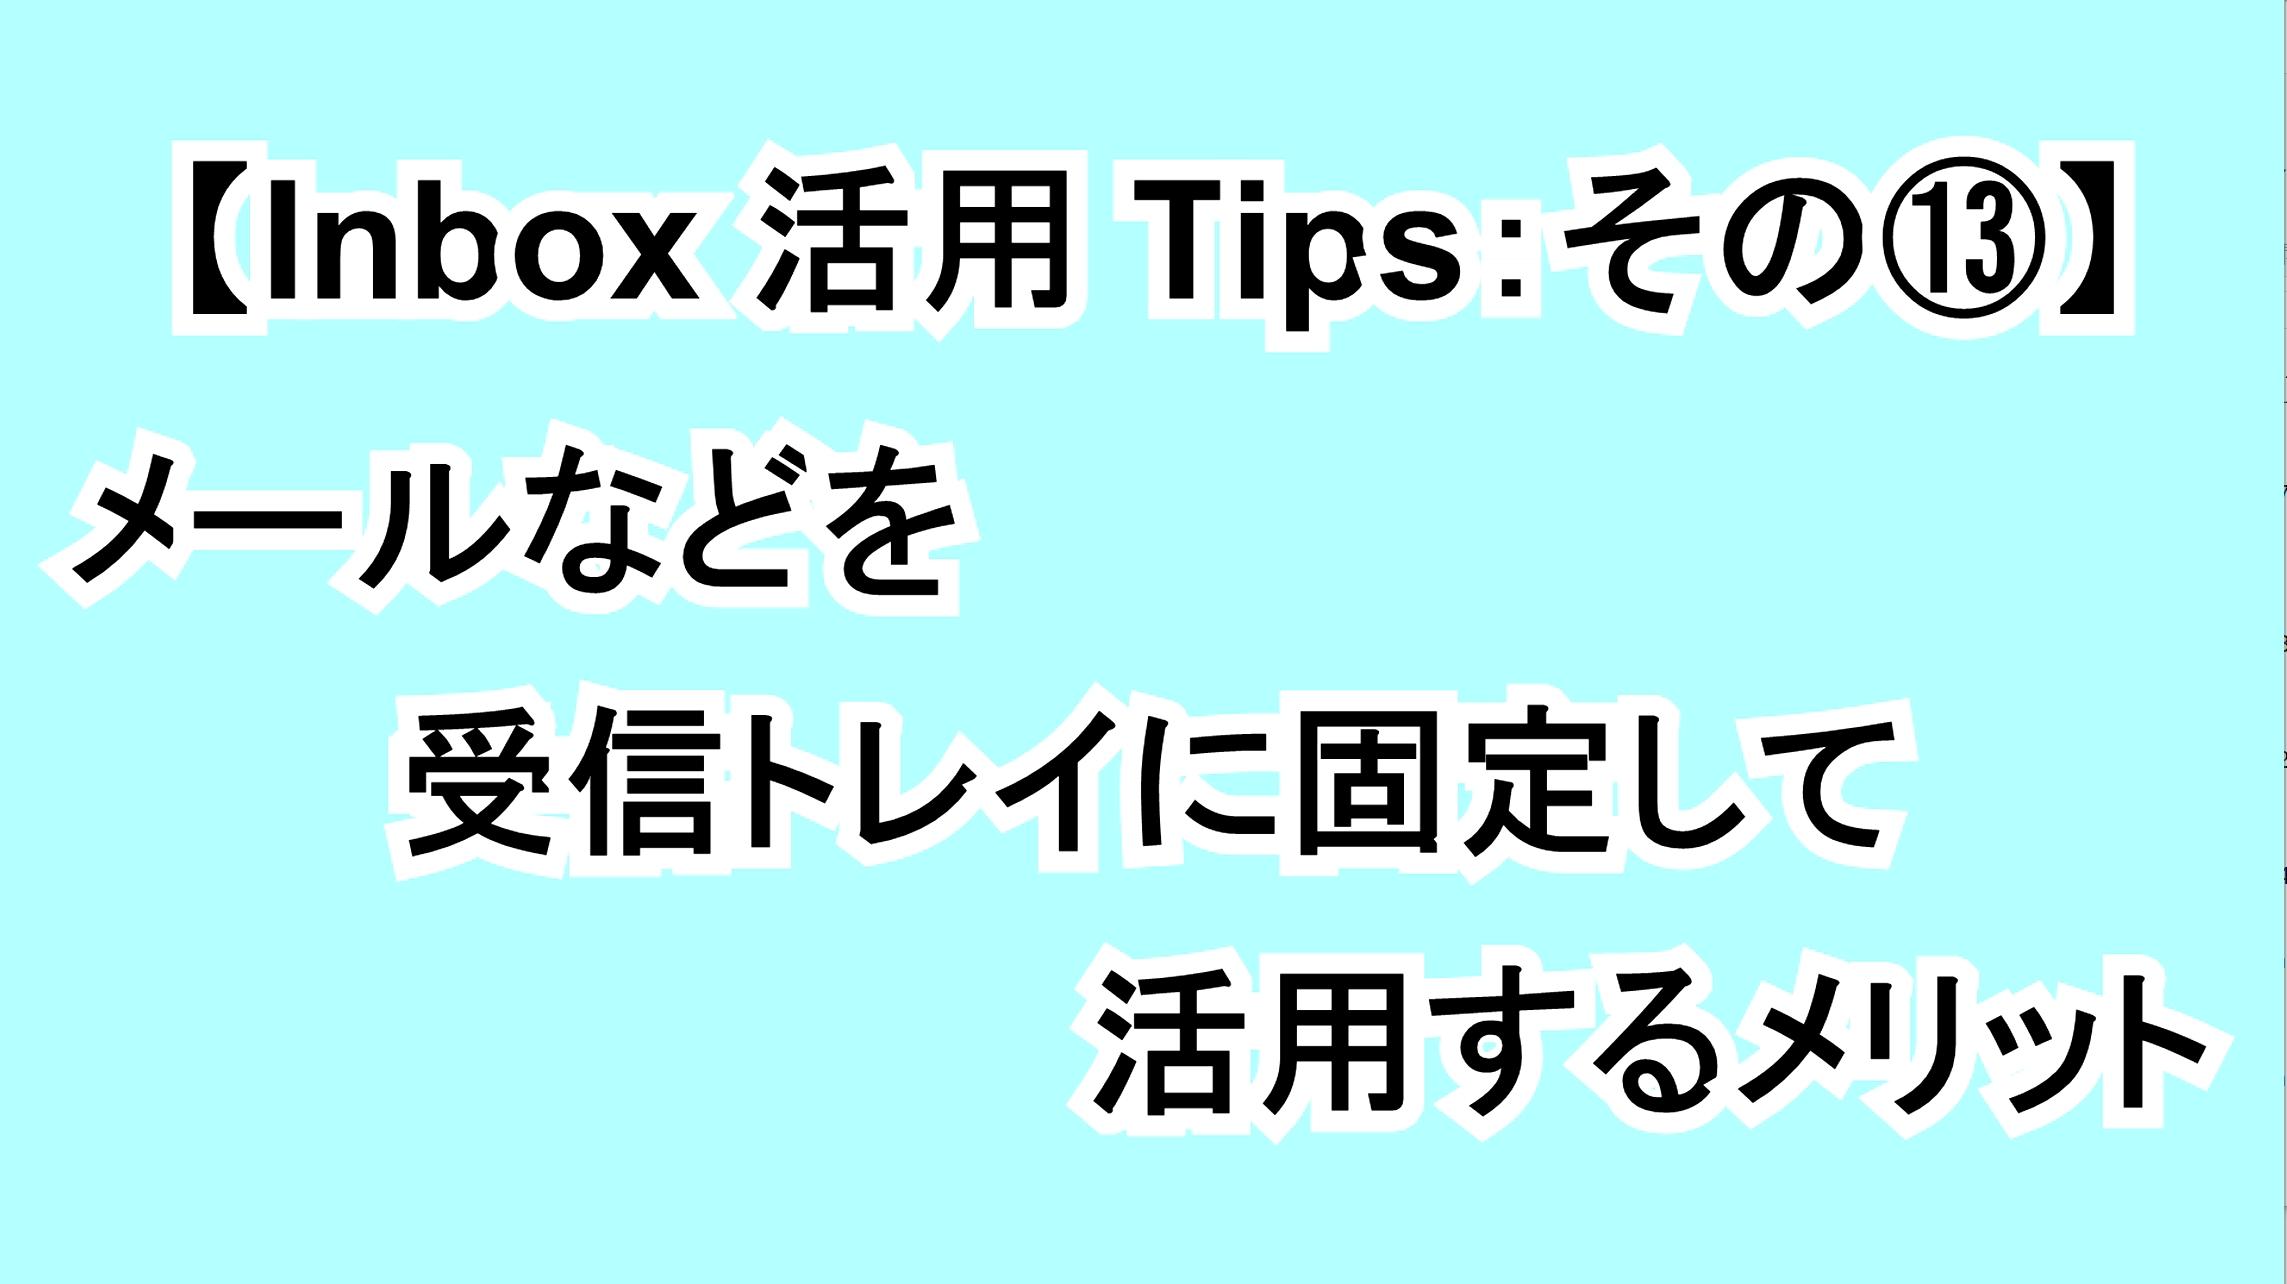 【Inbox活用Tips:その⑬】メールなどを受信トレイに固定して活用するメリット